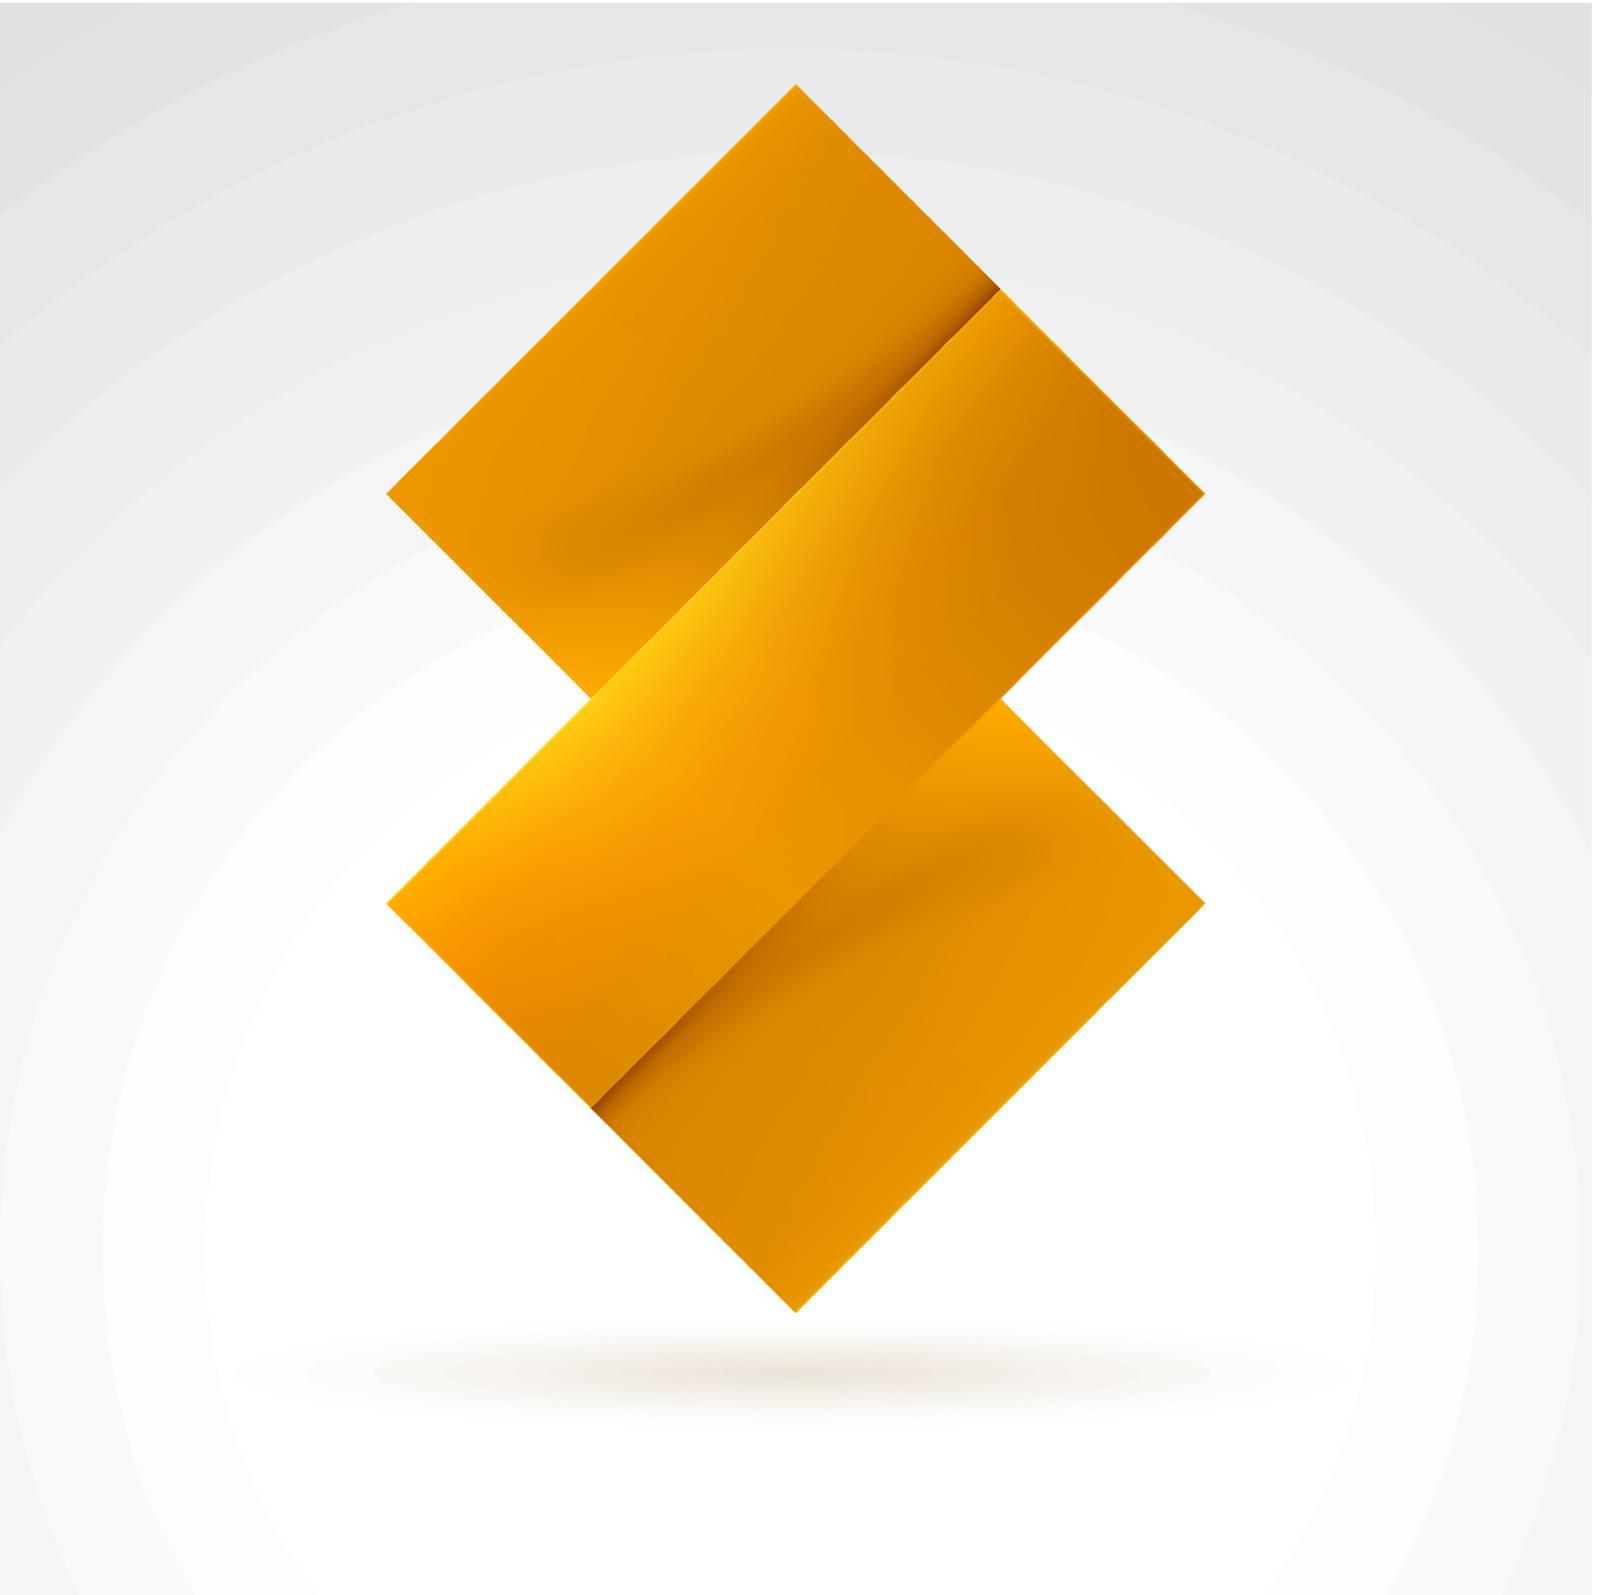 Abstract Orange Tile. Illustration on white for design